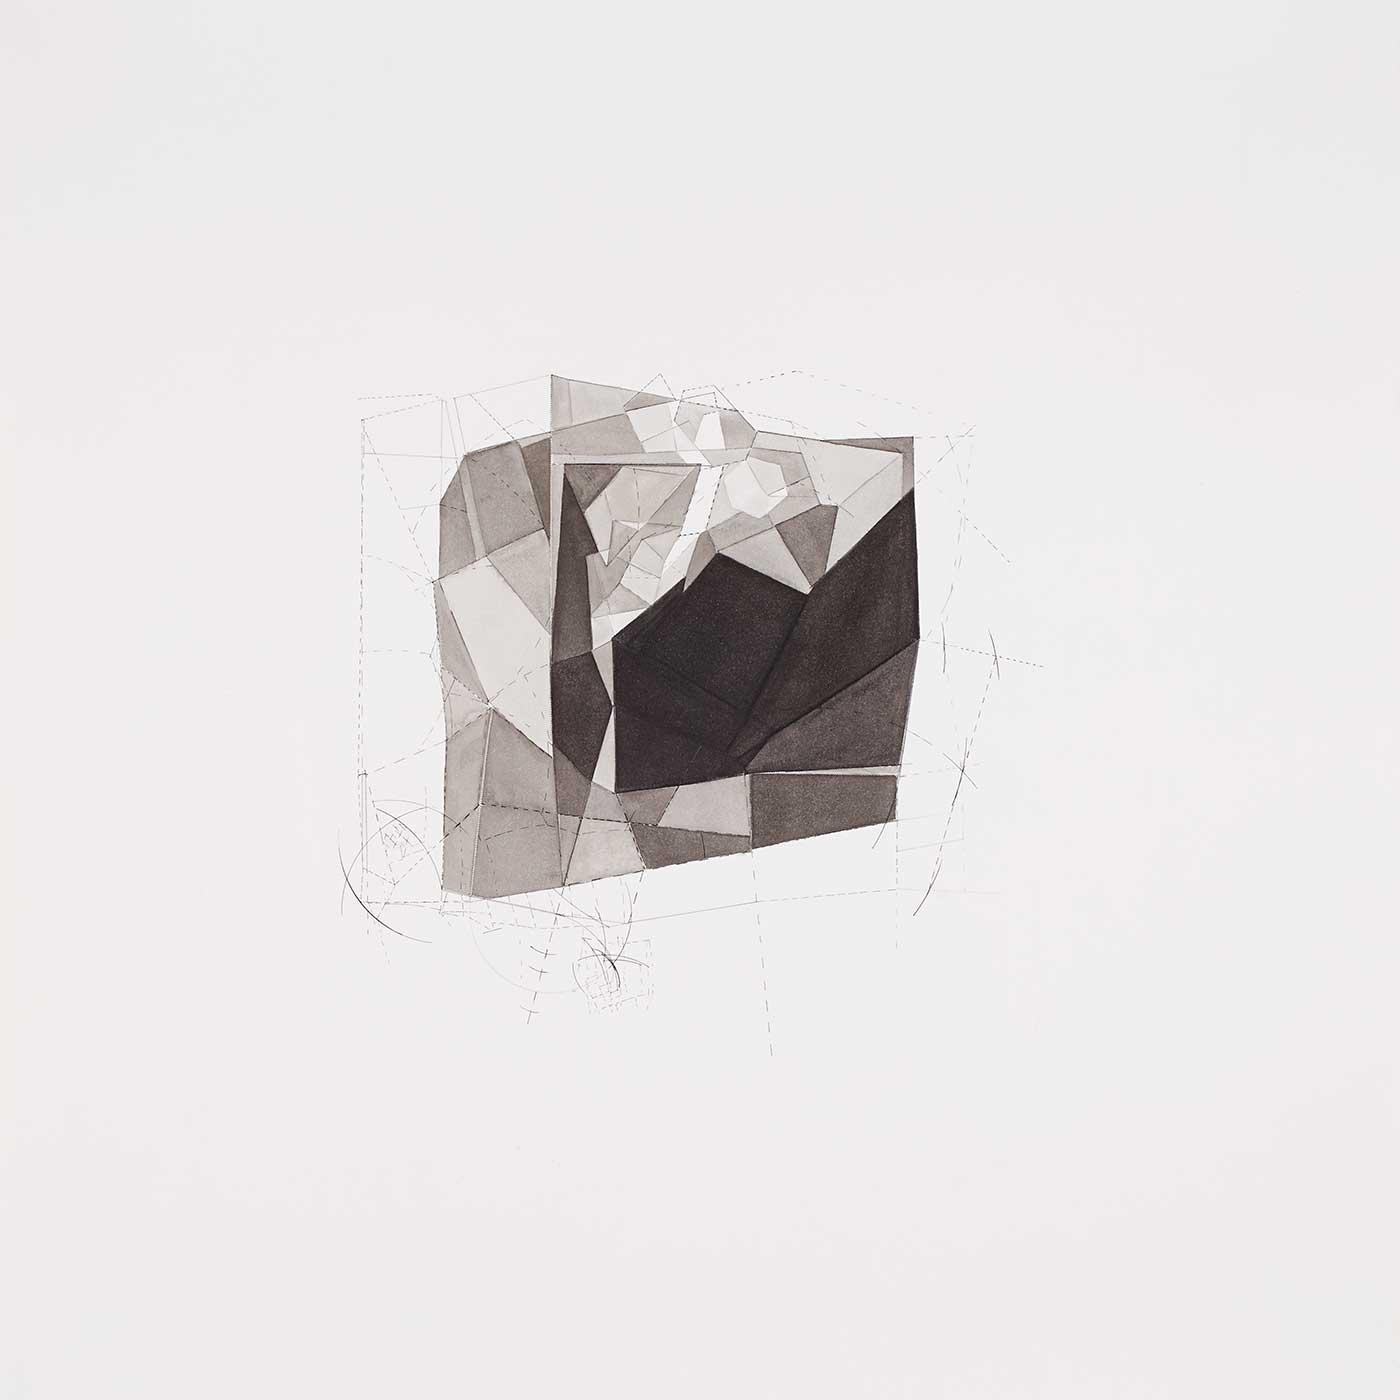 Colette Laliberté - Structures